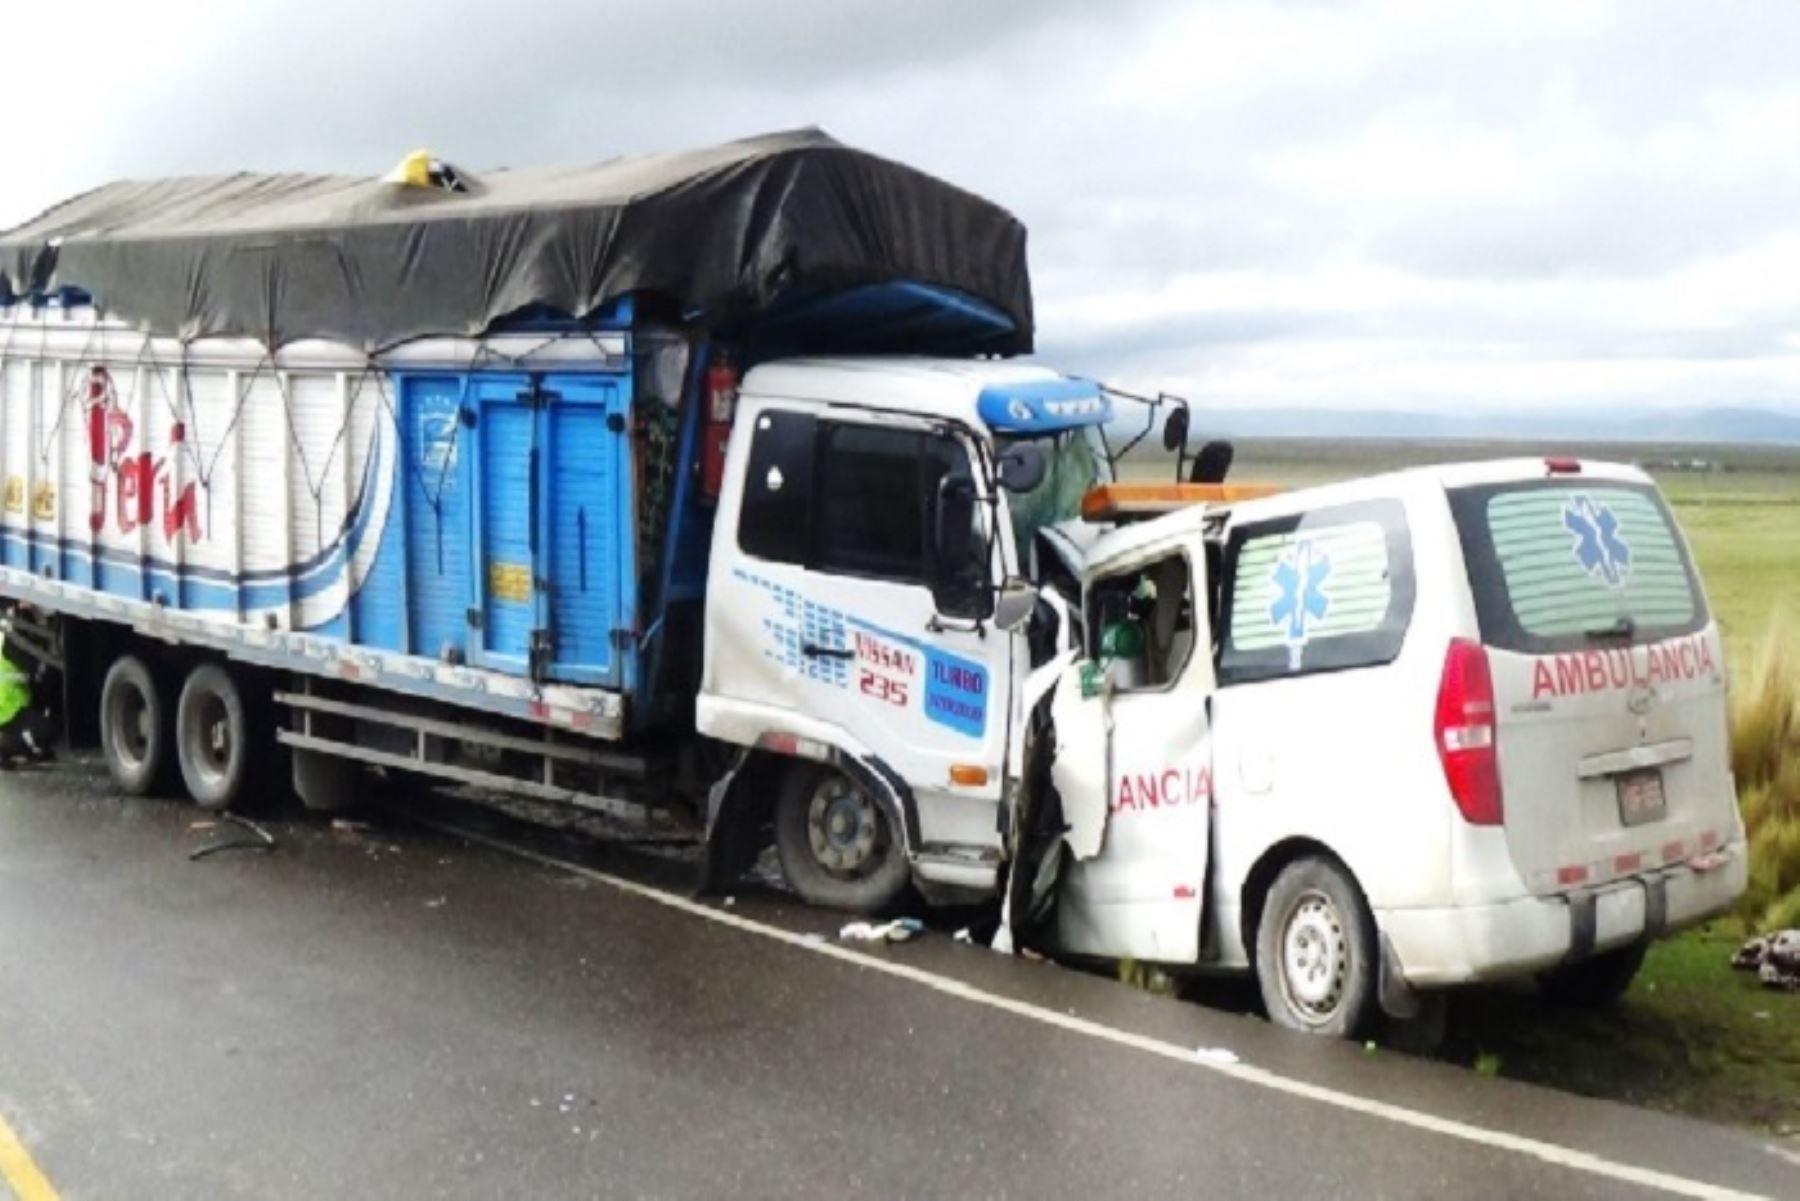 El choque entre una ambulancia contra la parte delantera de un camión, en la Carretera Central, tramo Pasco – La Oroya, en el kilómetro 104, cerca a la comunidad campesina de Shelby, dejó como saldo cuatro personas muertas- entre ellas dos venezolanos- y un herido.